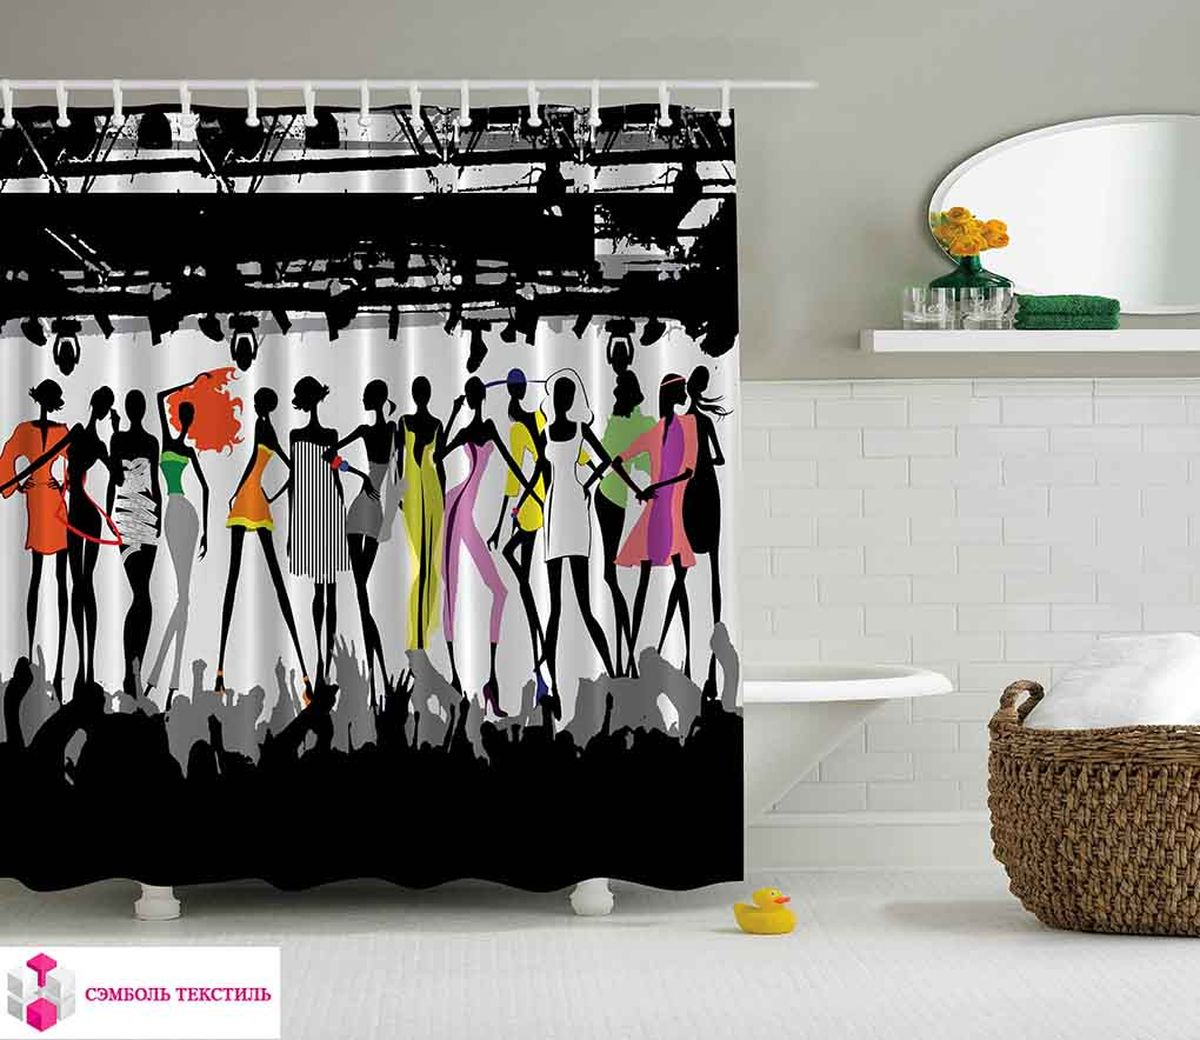 Штора для ванной комнаты Magic Lady Fashion show, 180 х 200 смшв_12405Компания Сэмболь изготавливает шторы из высококачественного сатена (полиэстер 100%). При изготовлении используются специальные гипоаллергенные чернила для прямой печати по ткани, безопасные для человека и животных. Экологичность продукции Magic lady и безопасность для окружающей среды подтверждены сертификатом Oeko-Tex Standard 100. Крепление: крючки (12 шт.). Внимание! При нанесении сублимационной печати на ткань технологическим методом при температуре 240 С, возможно отклонение полученных размеров, указанных на этикетке и сайте, от стандартных на + - 3-5 см. Мы стараемся максимально точно передать цвета изделия на наших фотографиях, однако искажения неизбежны и фактический цвет изделия может отличаться от воспринимаемого по фото. Обратите внимание! Шторы изготовлены из полиэстра сатенового переплетения, а не из сатина (хлопок). Размер шторы 180*200 см. В комплекте 1 штора и 12 крючков.